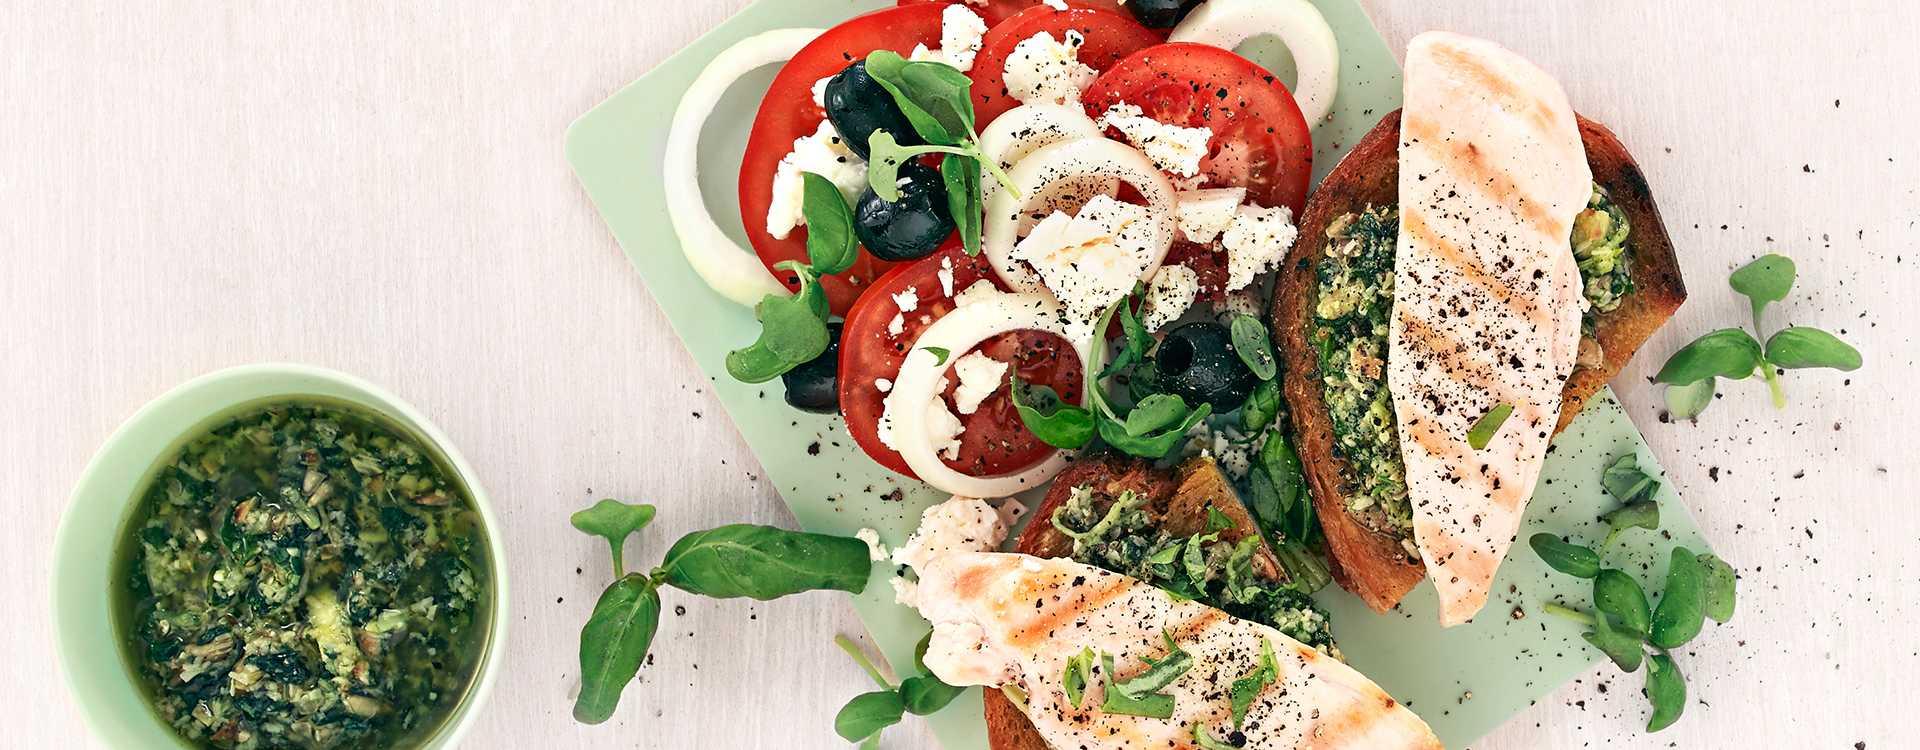 Blings med urtepesto og kyllingsalat